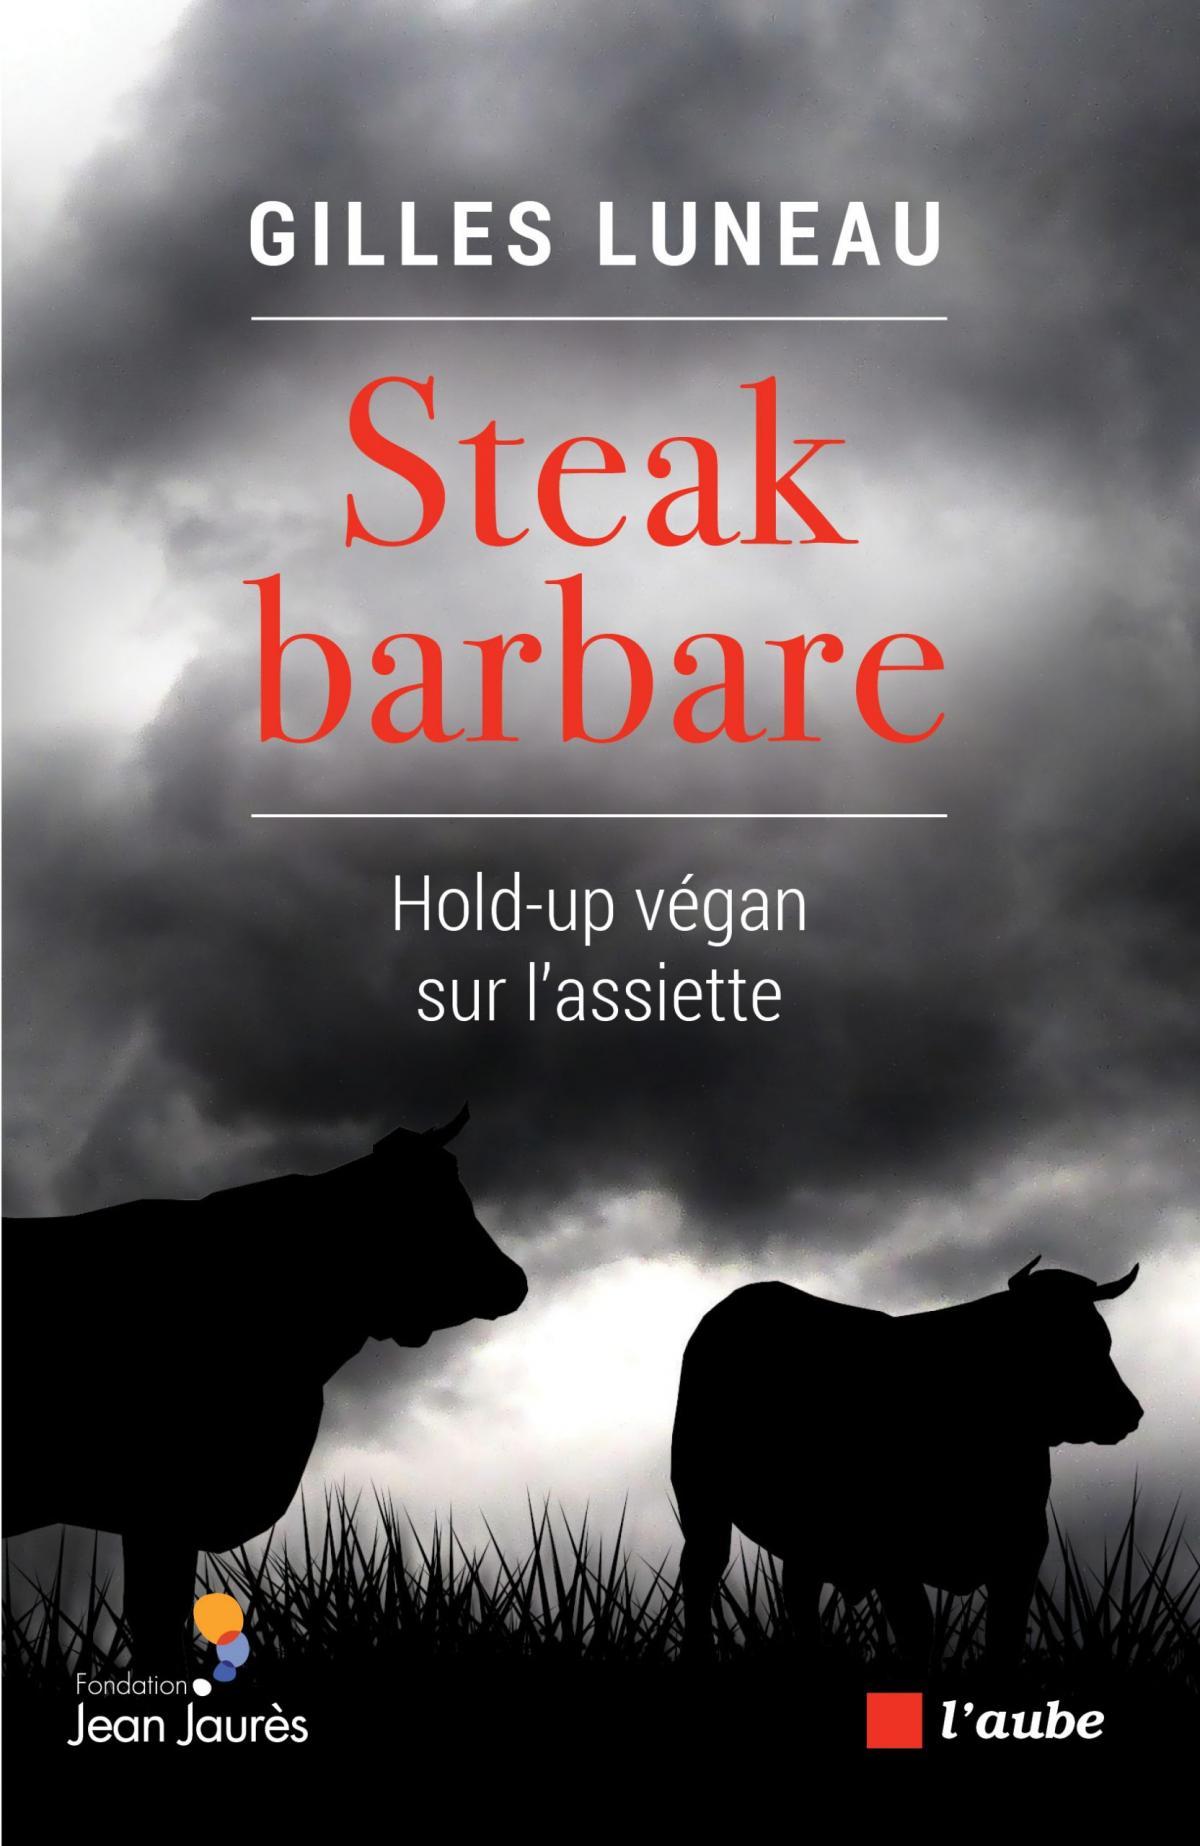 Steak barbare, hold-up végan sur l'assiette de Gilles Luneau